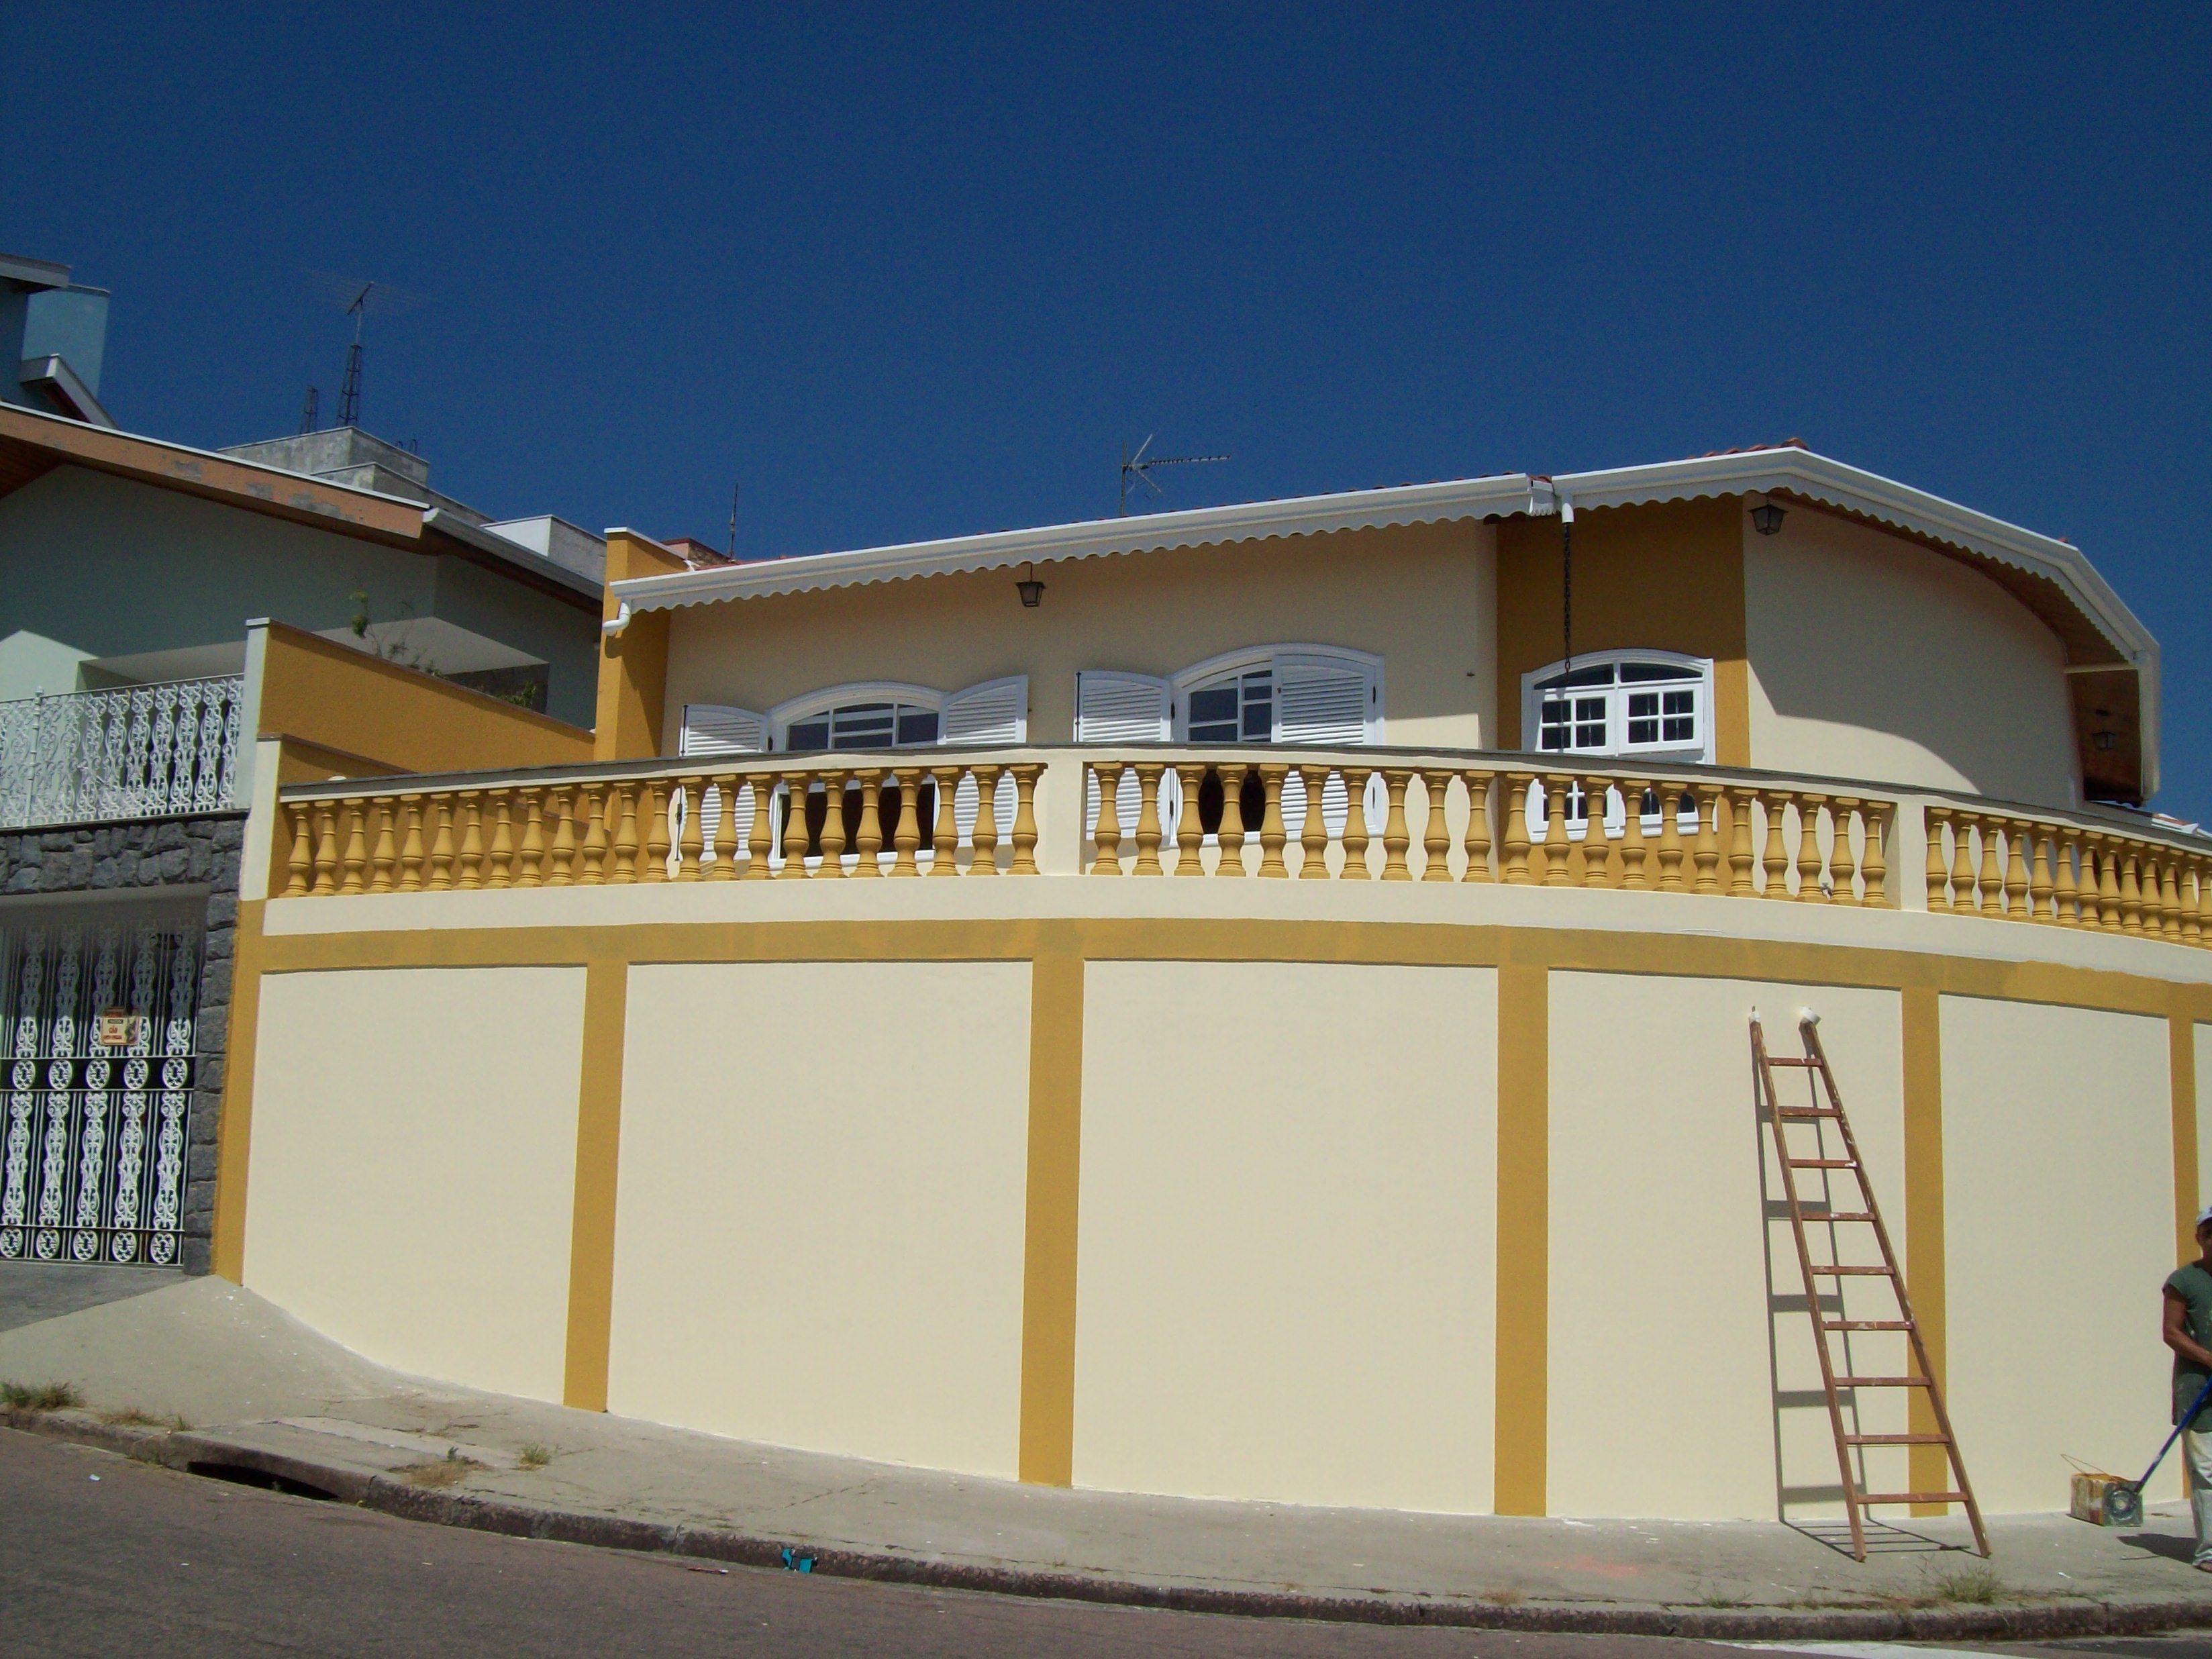 Top planos de casas de block wallpapers - Casas por dentro ...